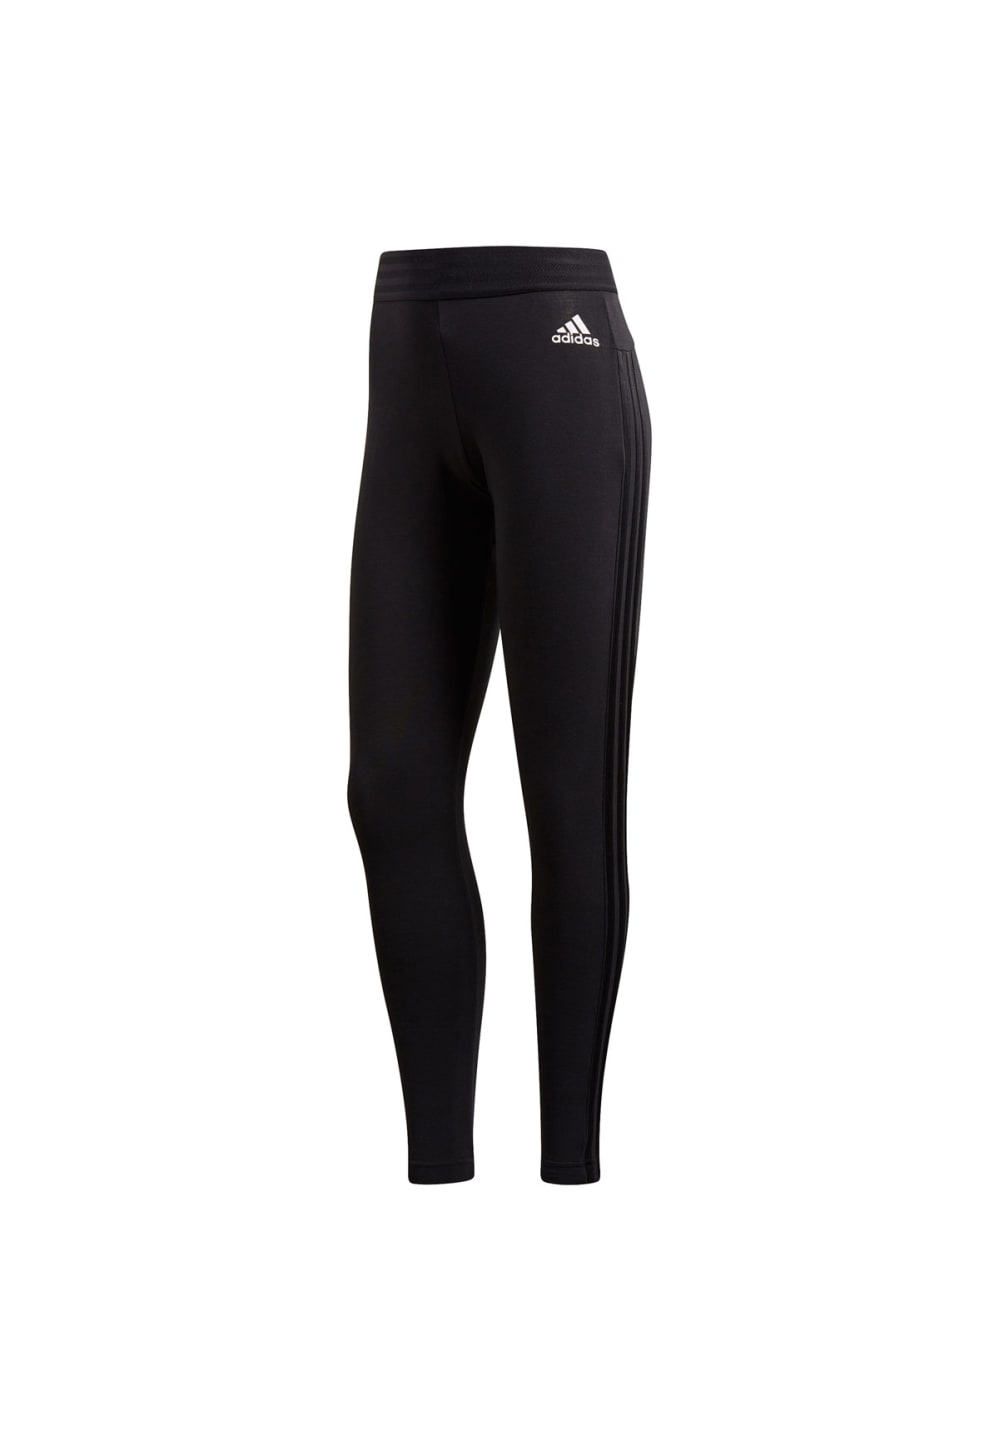 Sportmode für Frauen - adidas Essentials 3 Stripes Tights Laufhosen für Damen Schwarz  - Onlineshop 21Run